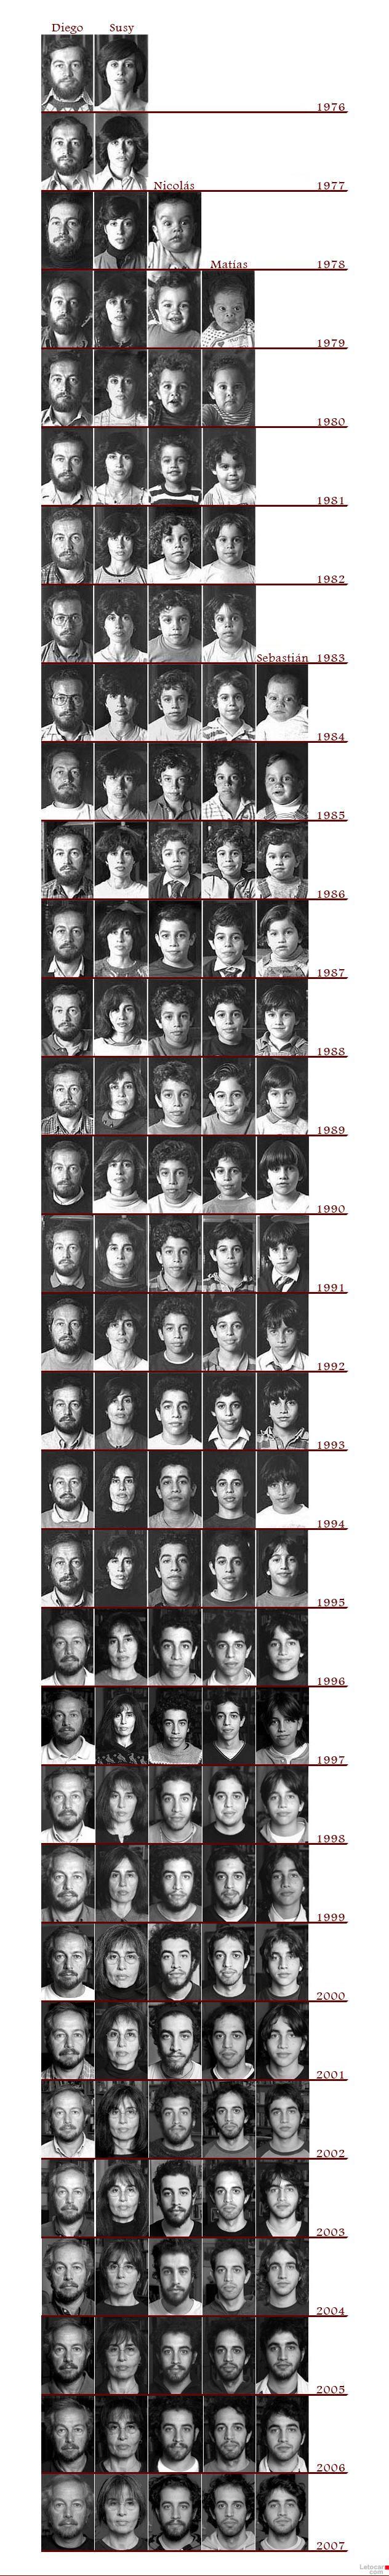 Семья Диего: 1976-2007